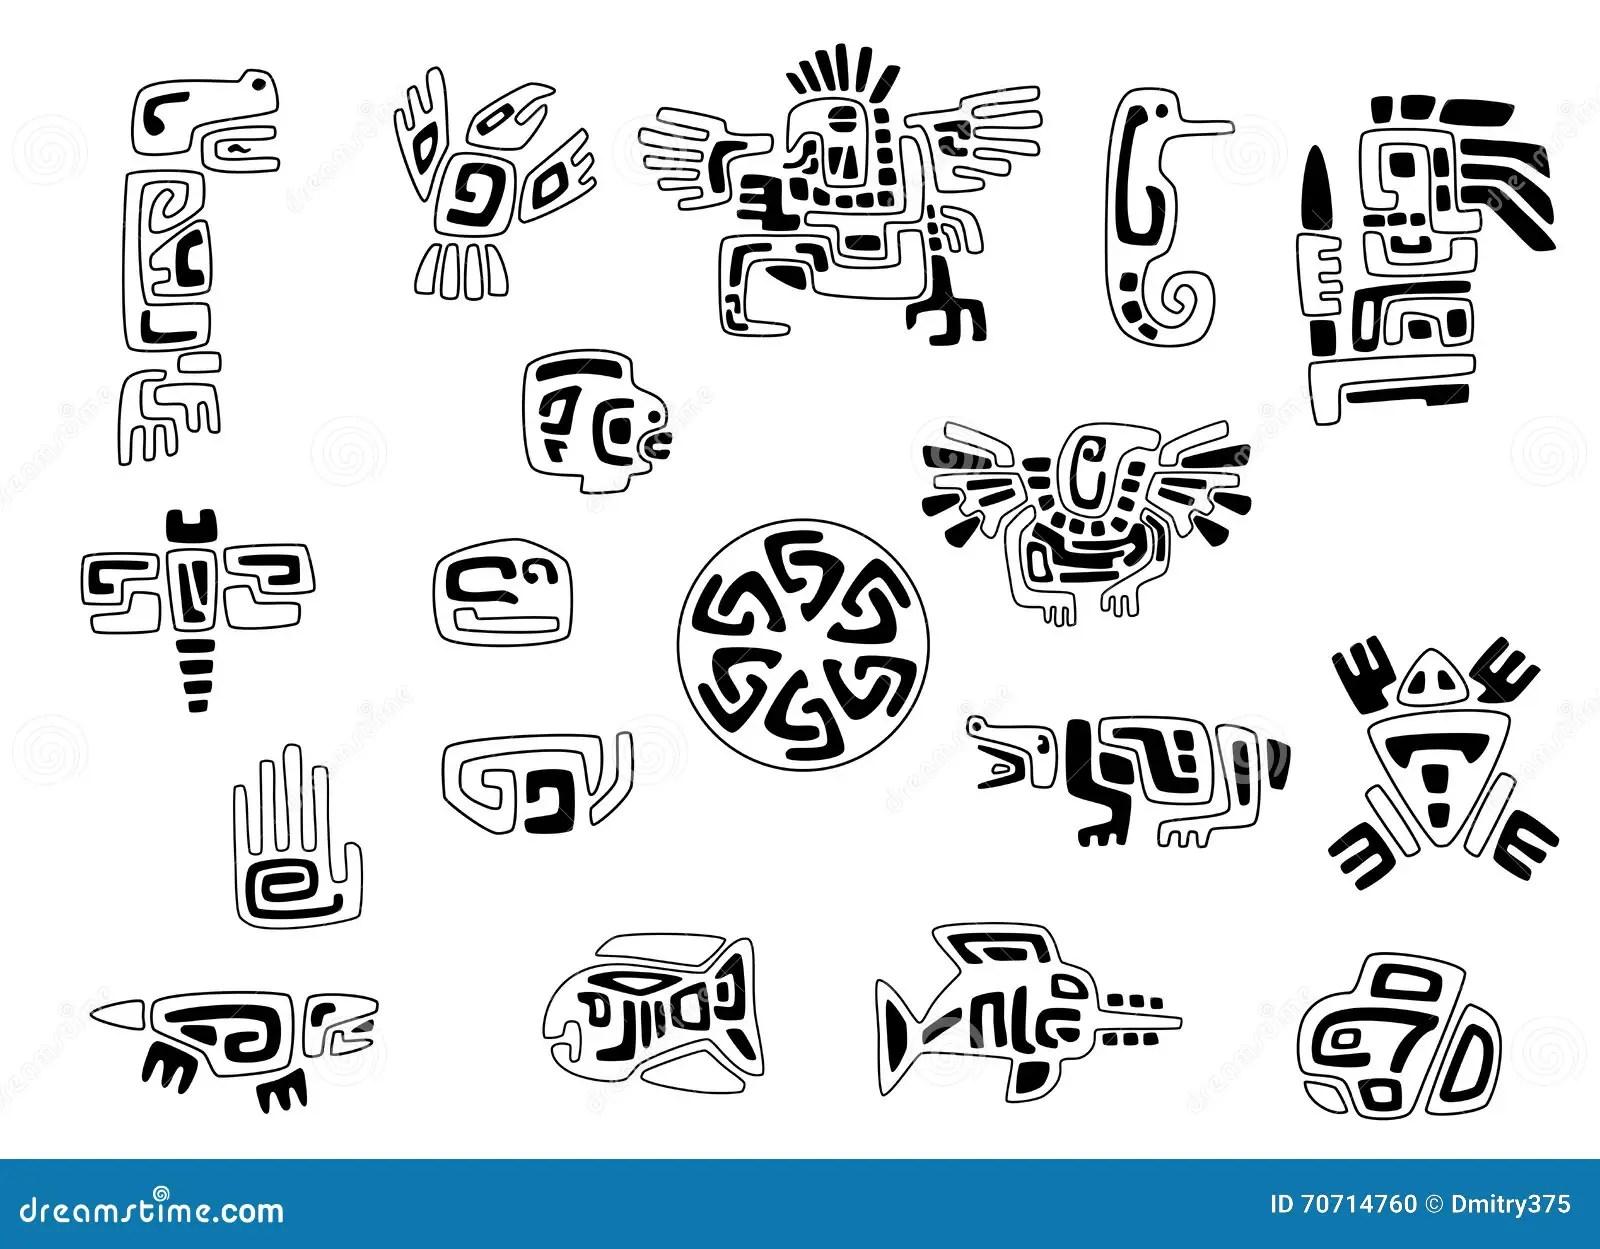 Uppsattning Av Stiliserade Indiansymboler Vektor